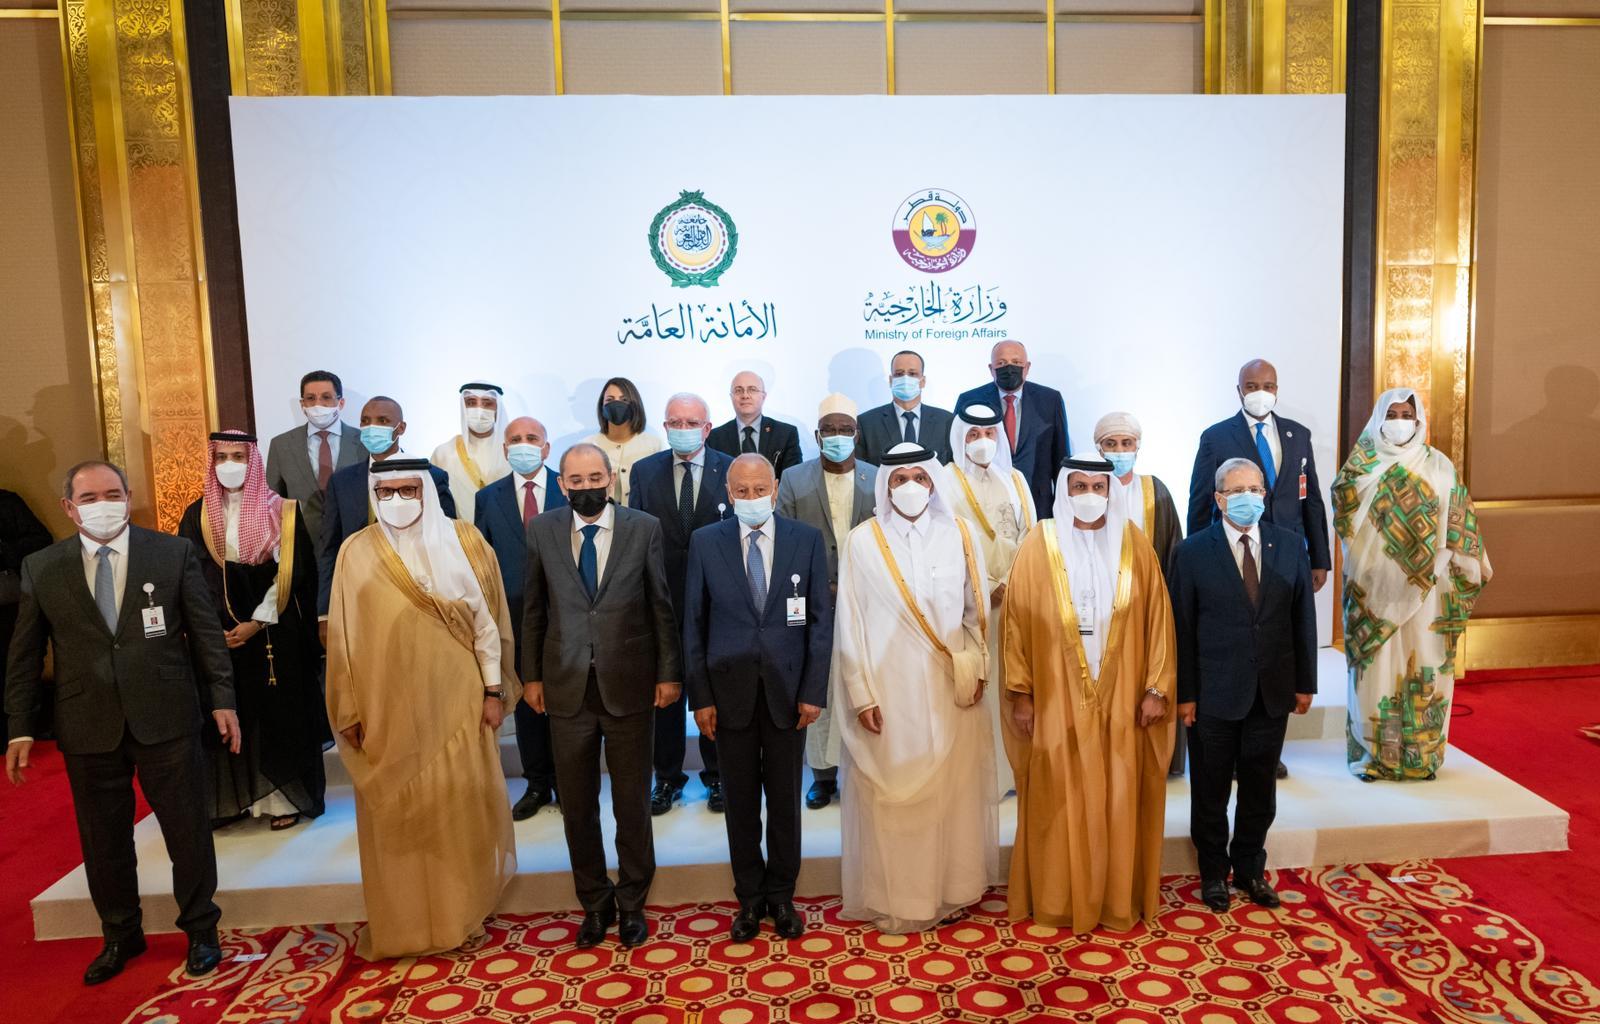 اختتام أعمال الاجتماع التشاوري لوزراء الخارجية العرب